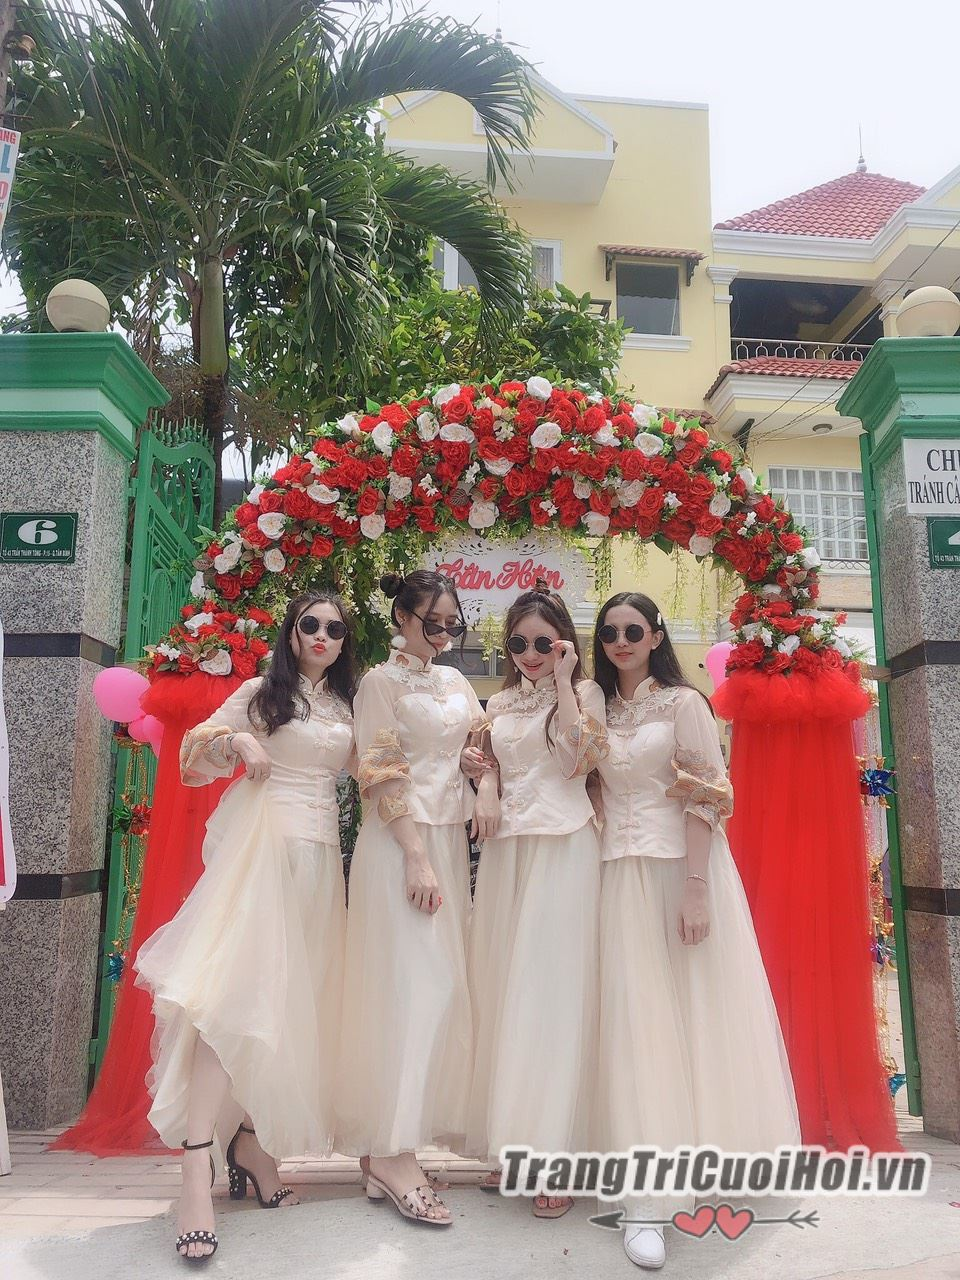 Thue-doi-ngu-bung-qua-2019-71 Những mẫu áo dài bưng quả đẹp được ưa chuộng nhất